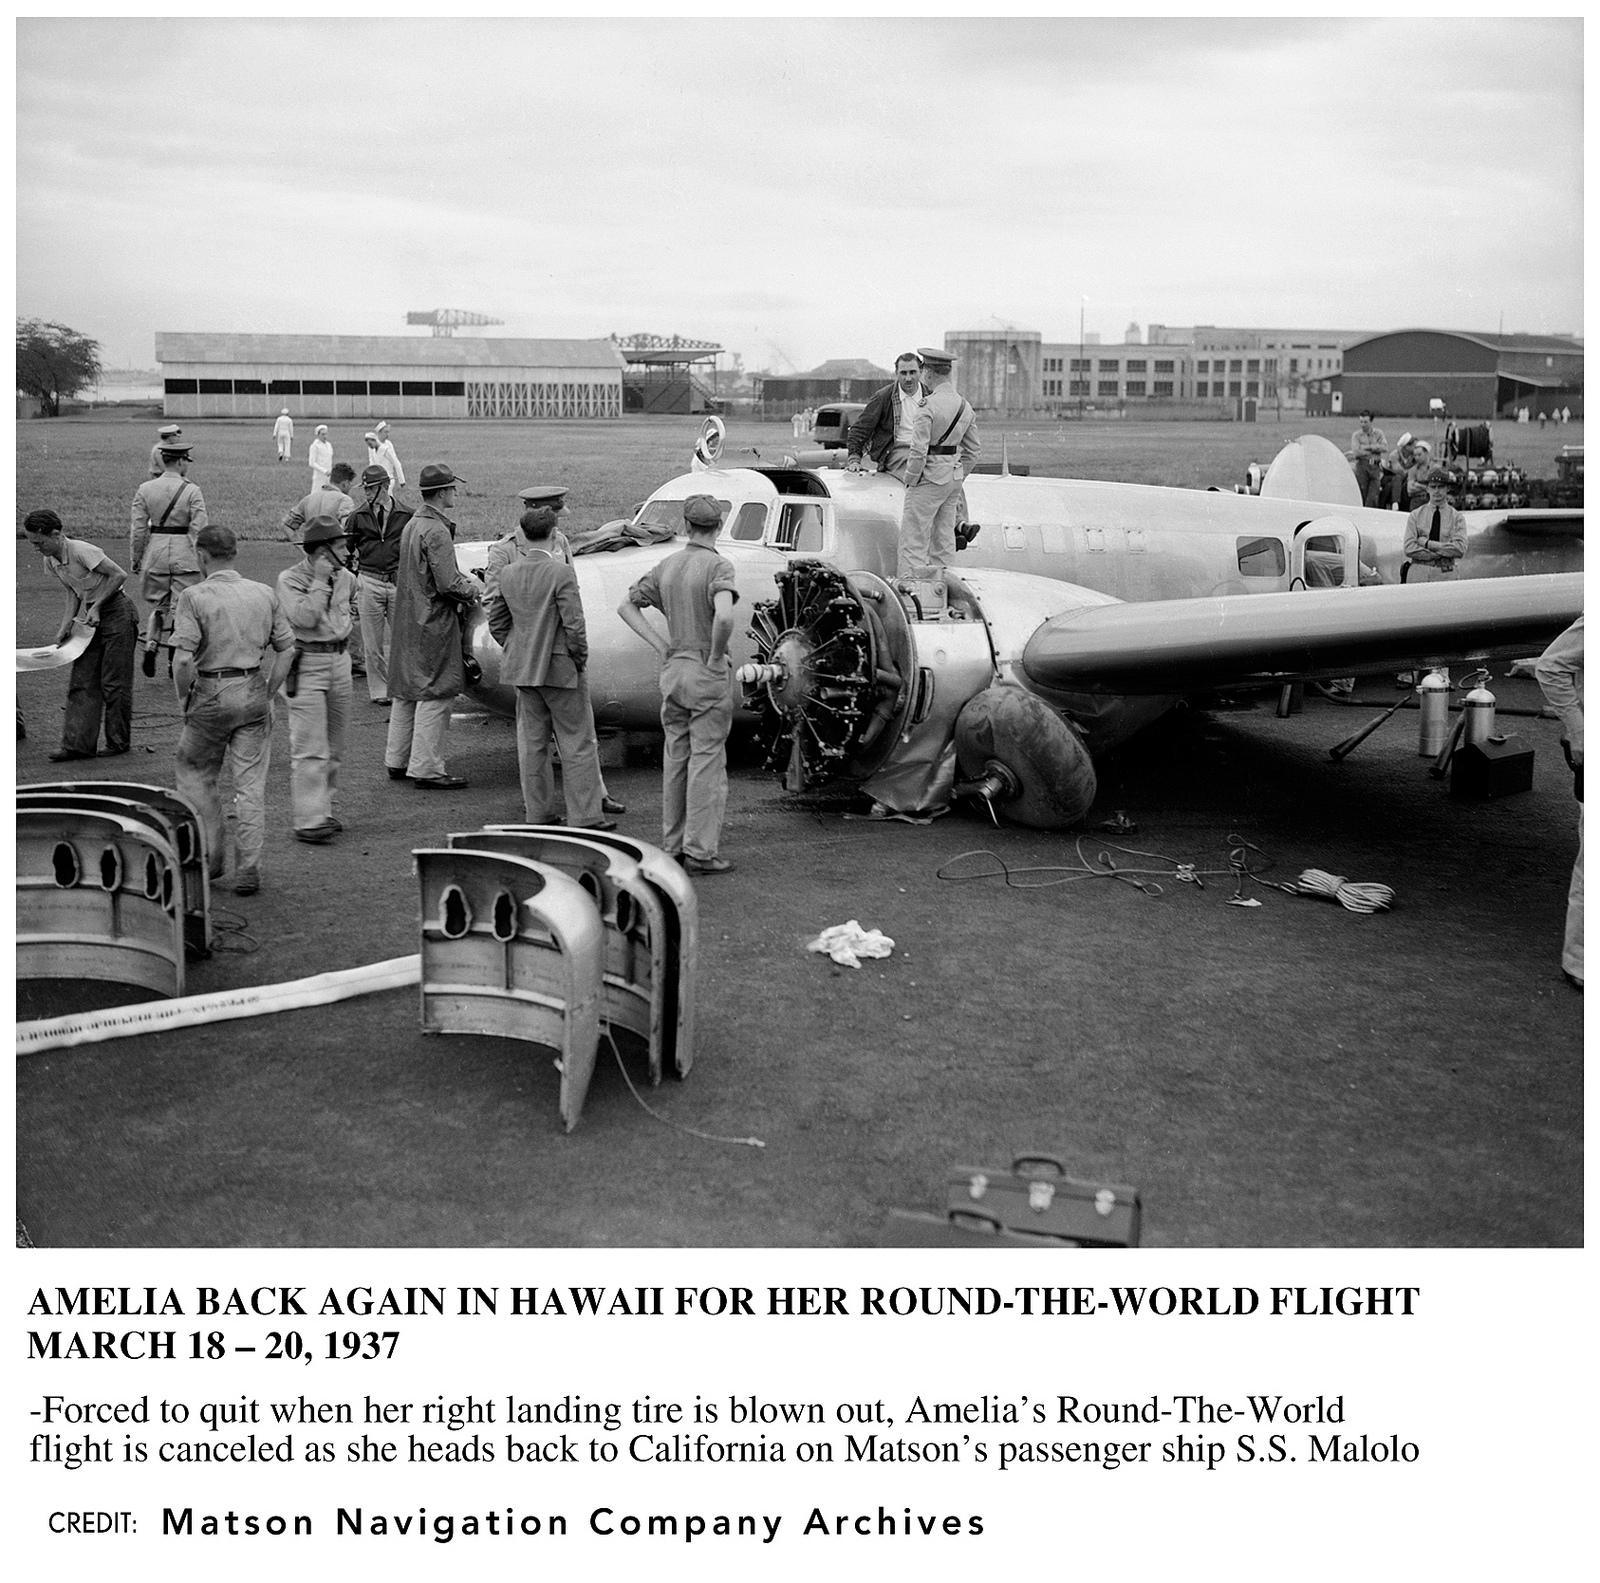 Amelia Earhart's 1937